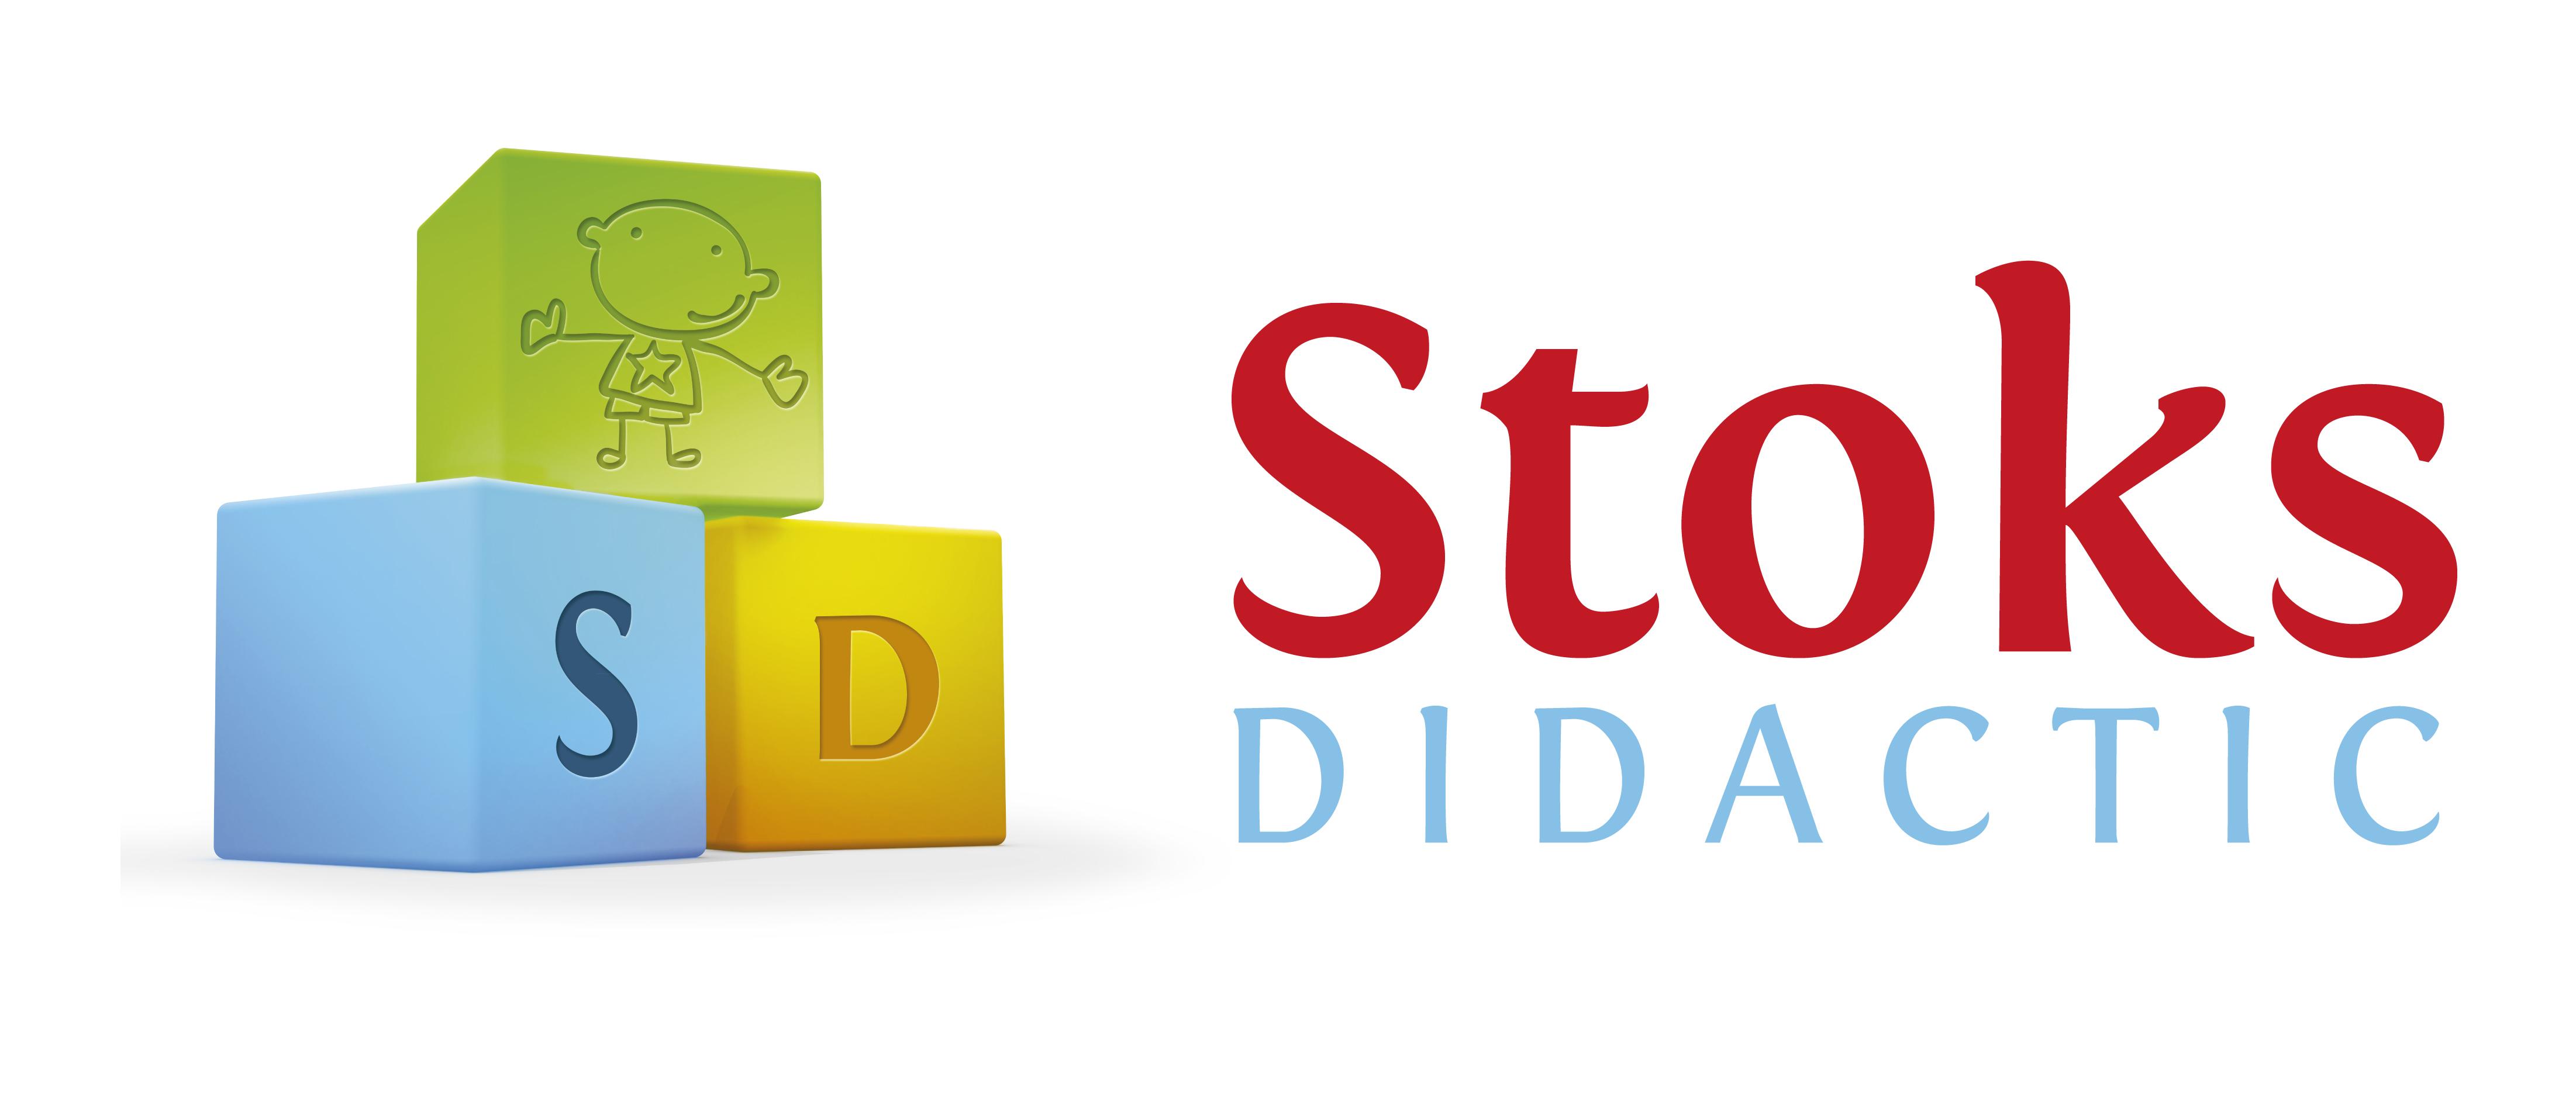 Stoks didactic tienda de juguetes educativos a muy buen for Precio logo